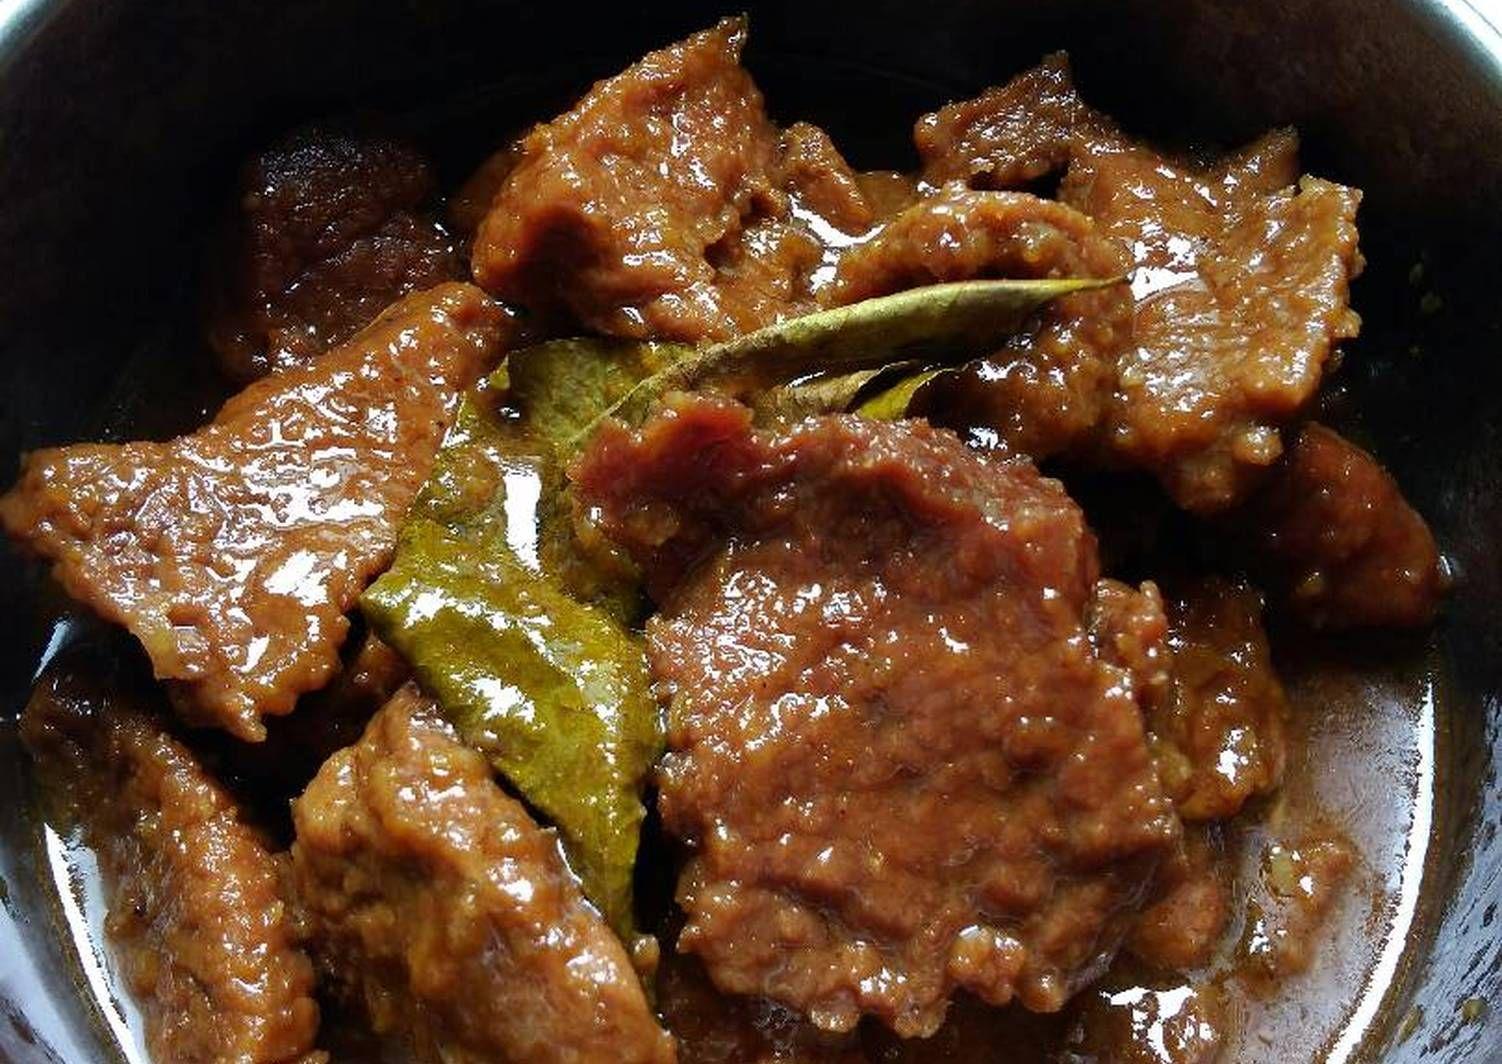 Resep Semur Daging Sapi Empuk Simpel Kitaberbagi Oleh Ummu Husain Resep Semur Daging Resep Masakan Malaysia Resep Masakan Cina